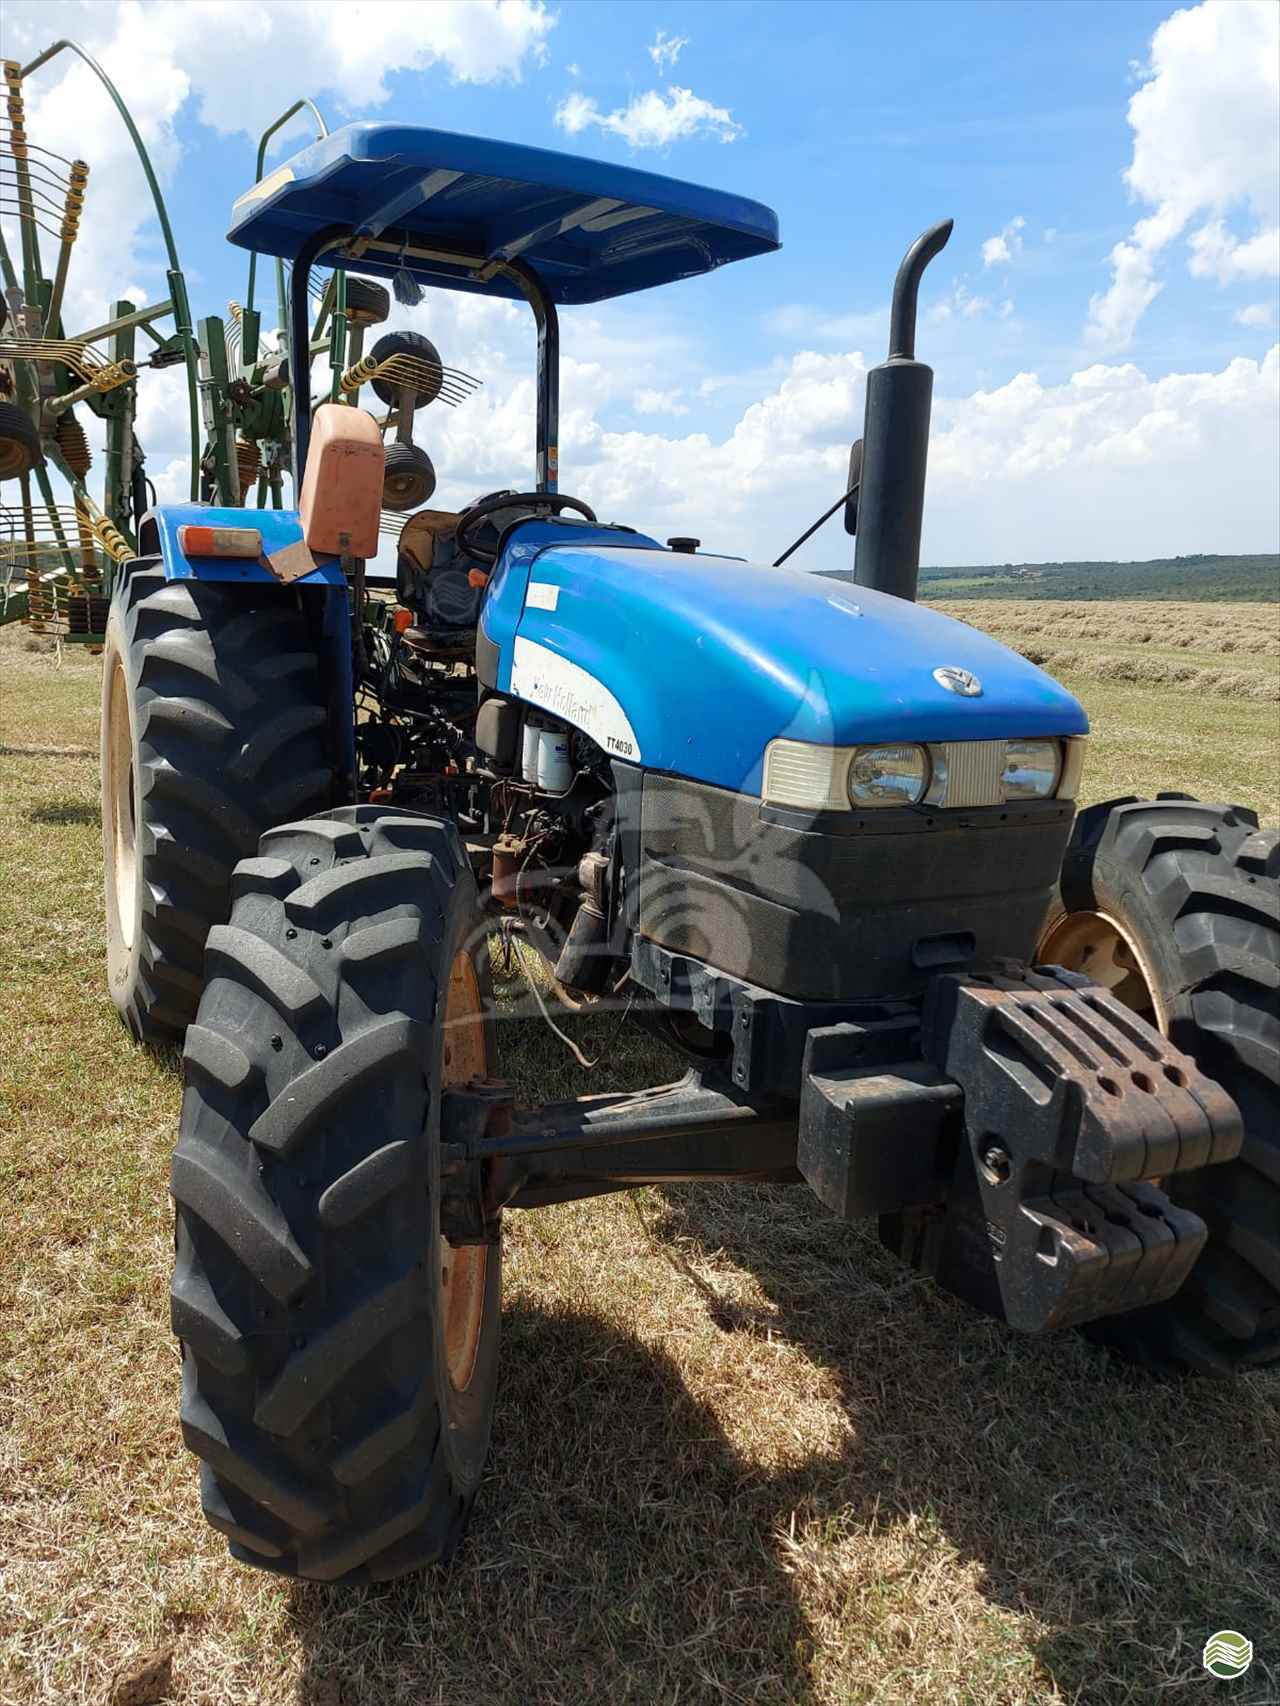 TRATOR NEW HOLLAND NEW TT 4030 Tração 4x4 EP Máquinas e Implementos Agrícolas CRISTALINA GOIAS GO